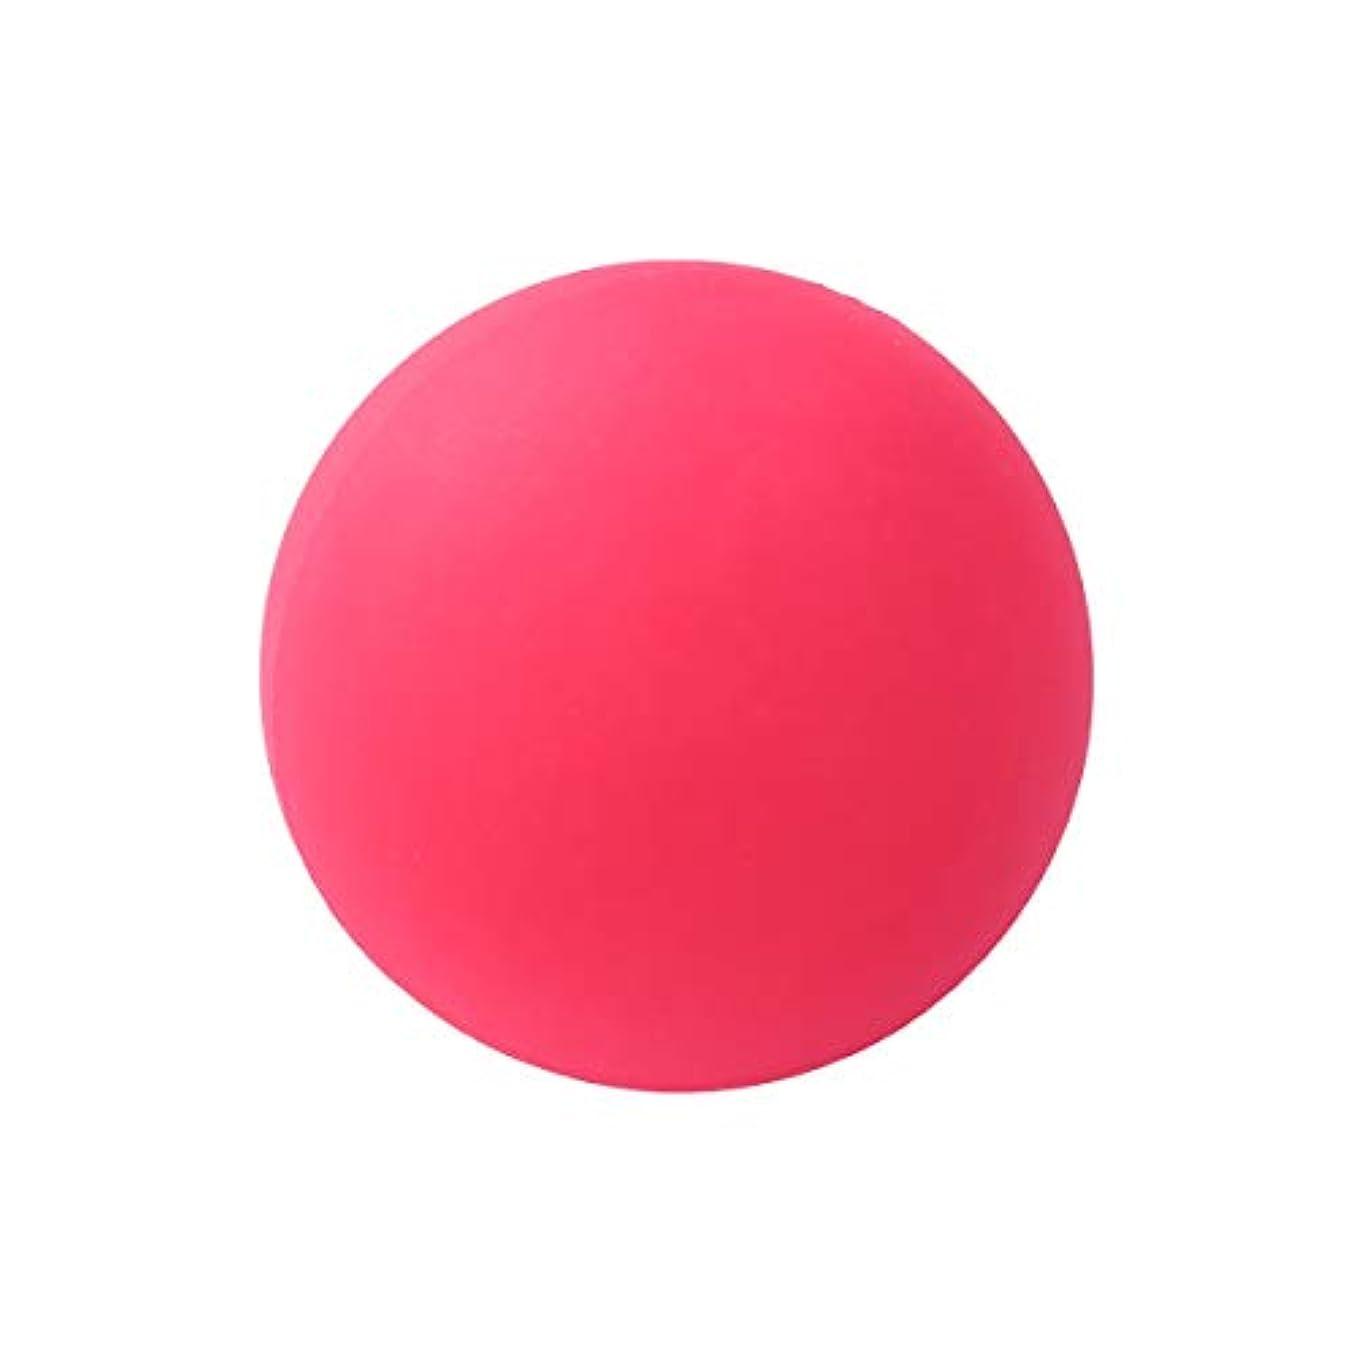 強要オリエンテーション顕著VORCOOL マッサージボール ヨガ ストレッチボール トリガーポイント 筋膜リリース トレーニング 背中 肩こり 腰 ふくらはぎ 足裏 ツボ押しグッズ 物理 マッサージ 療法ボール